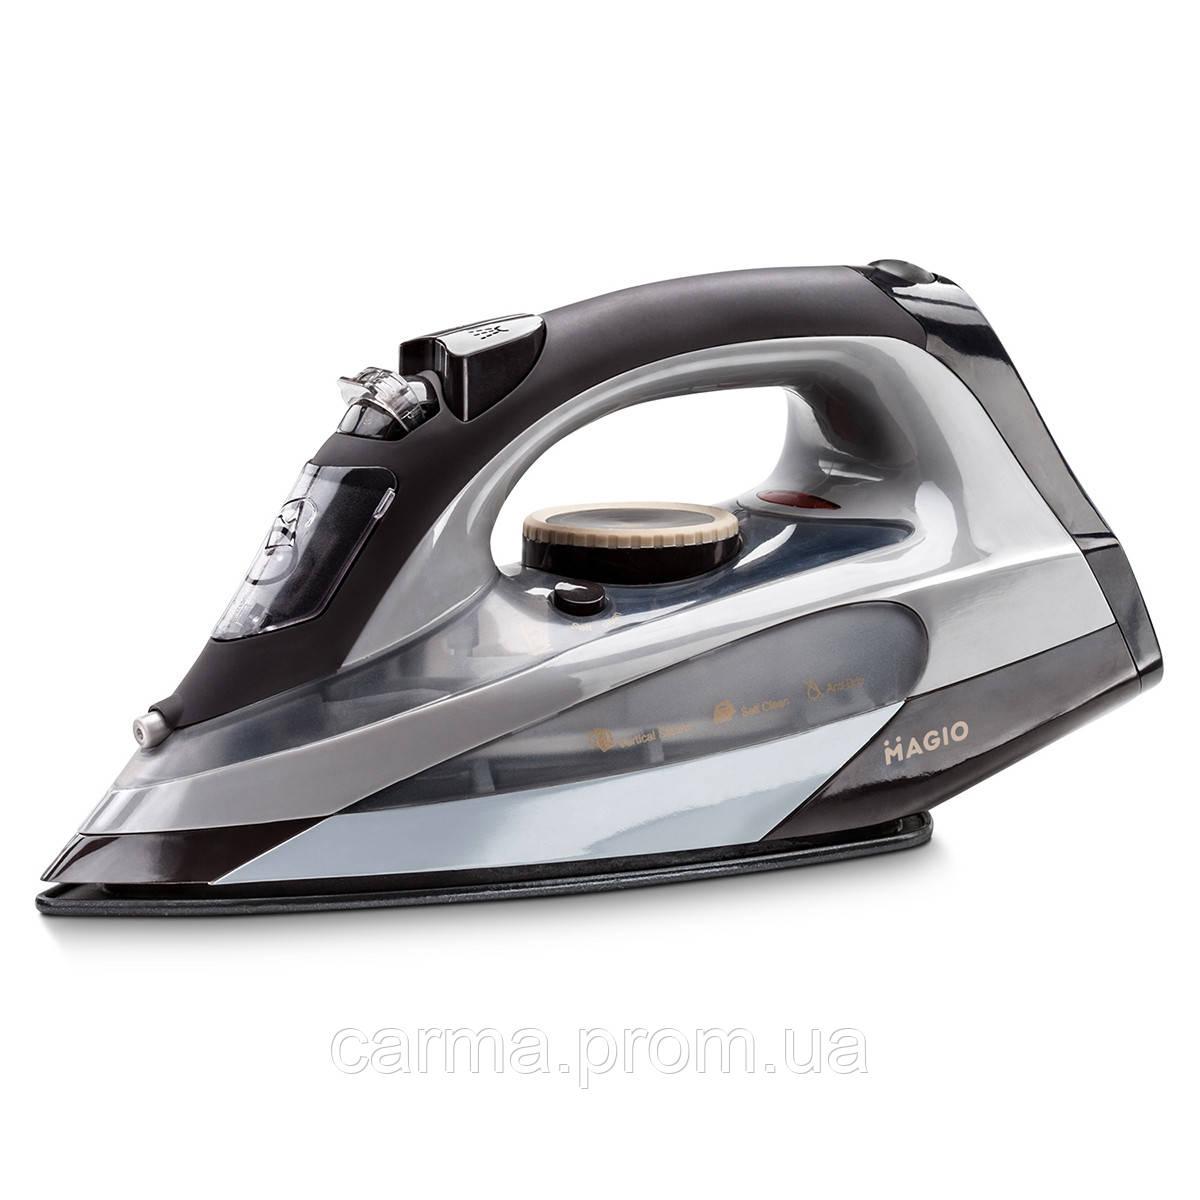 Утюг MAGIO MG-136 2200 Вт Серый